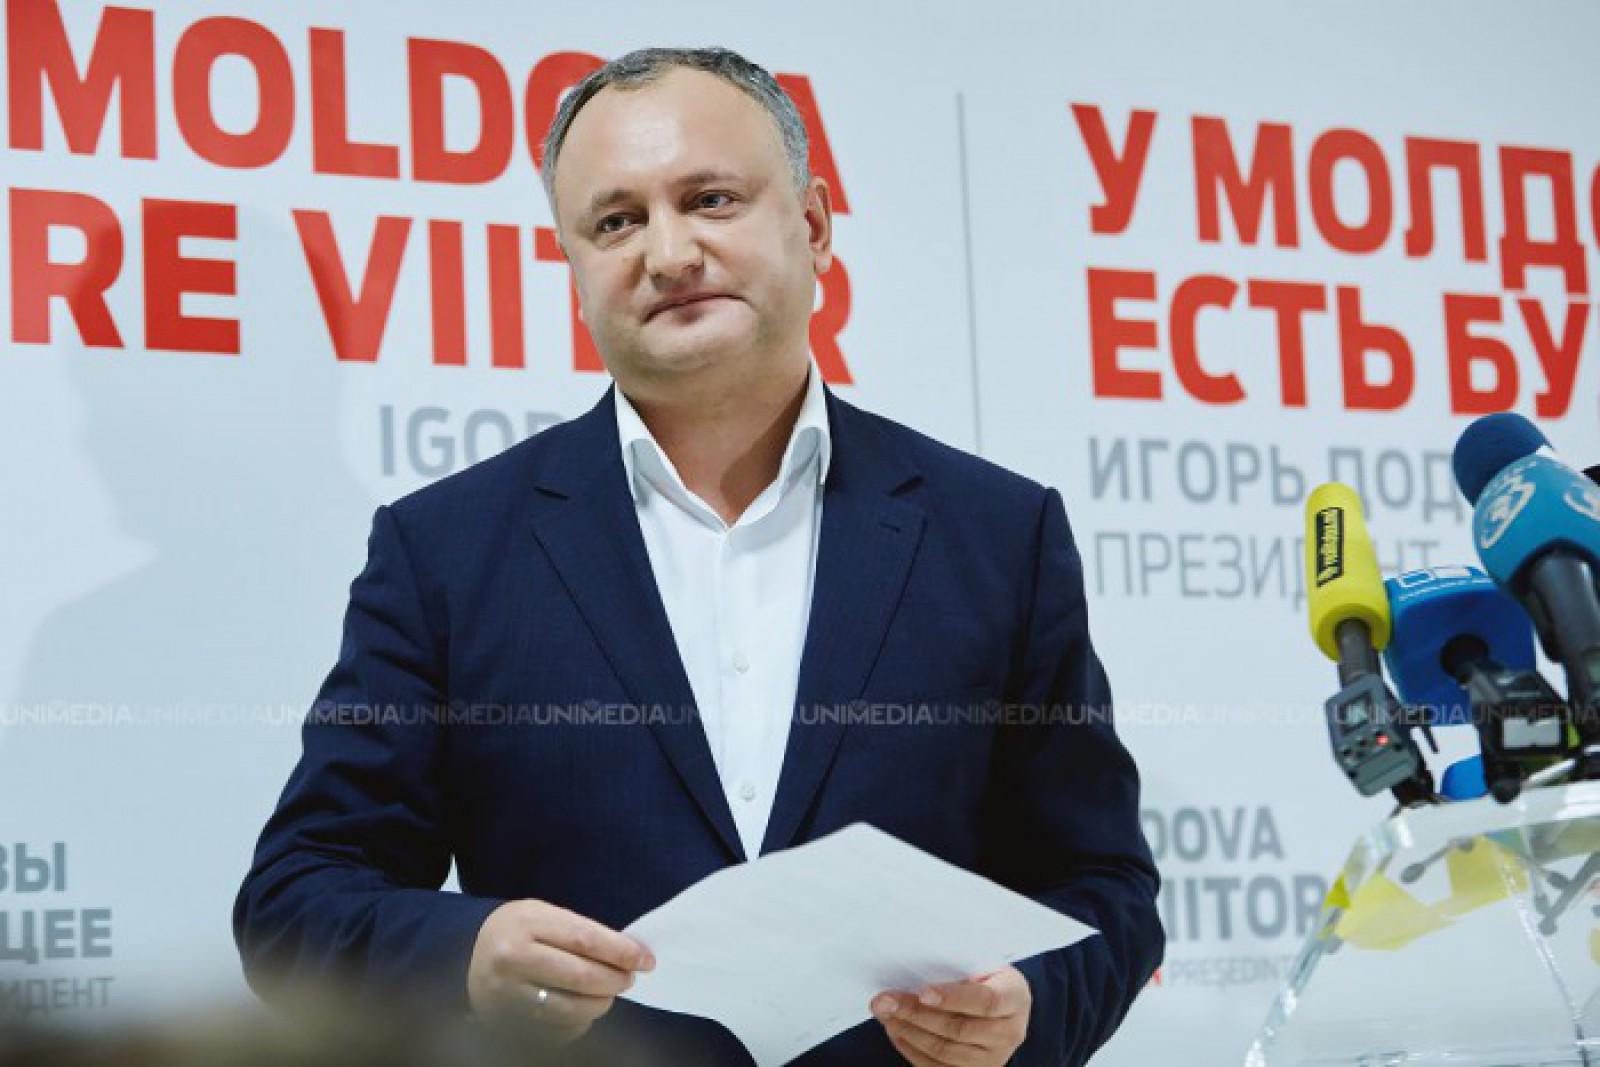 """Igor Dodon, trollit de un cunoscut jurnalist rus: """"Se pregătește un business pentru Dodon la Moscova - un salon pentru coafuri intime"""""""